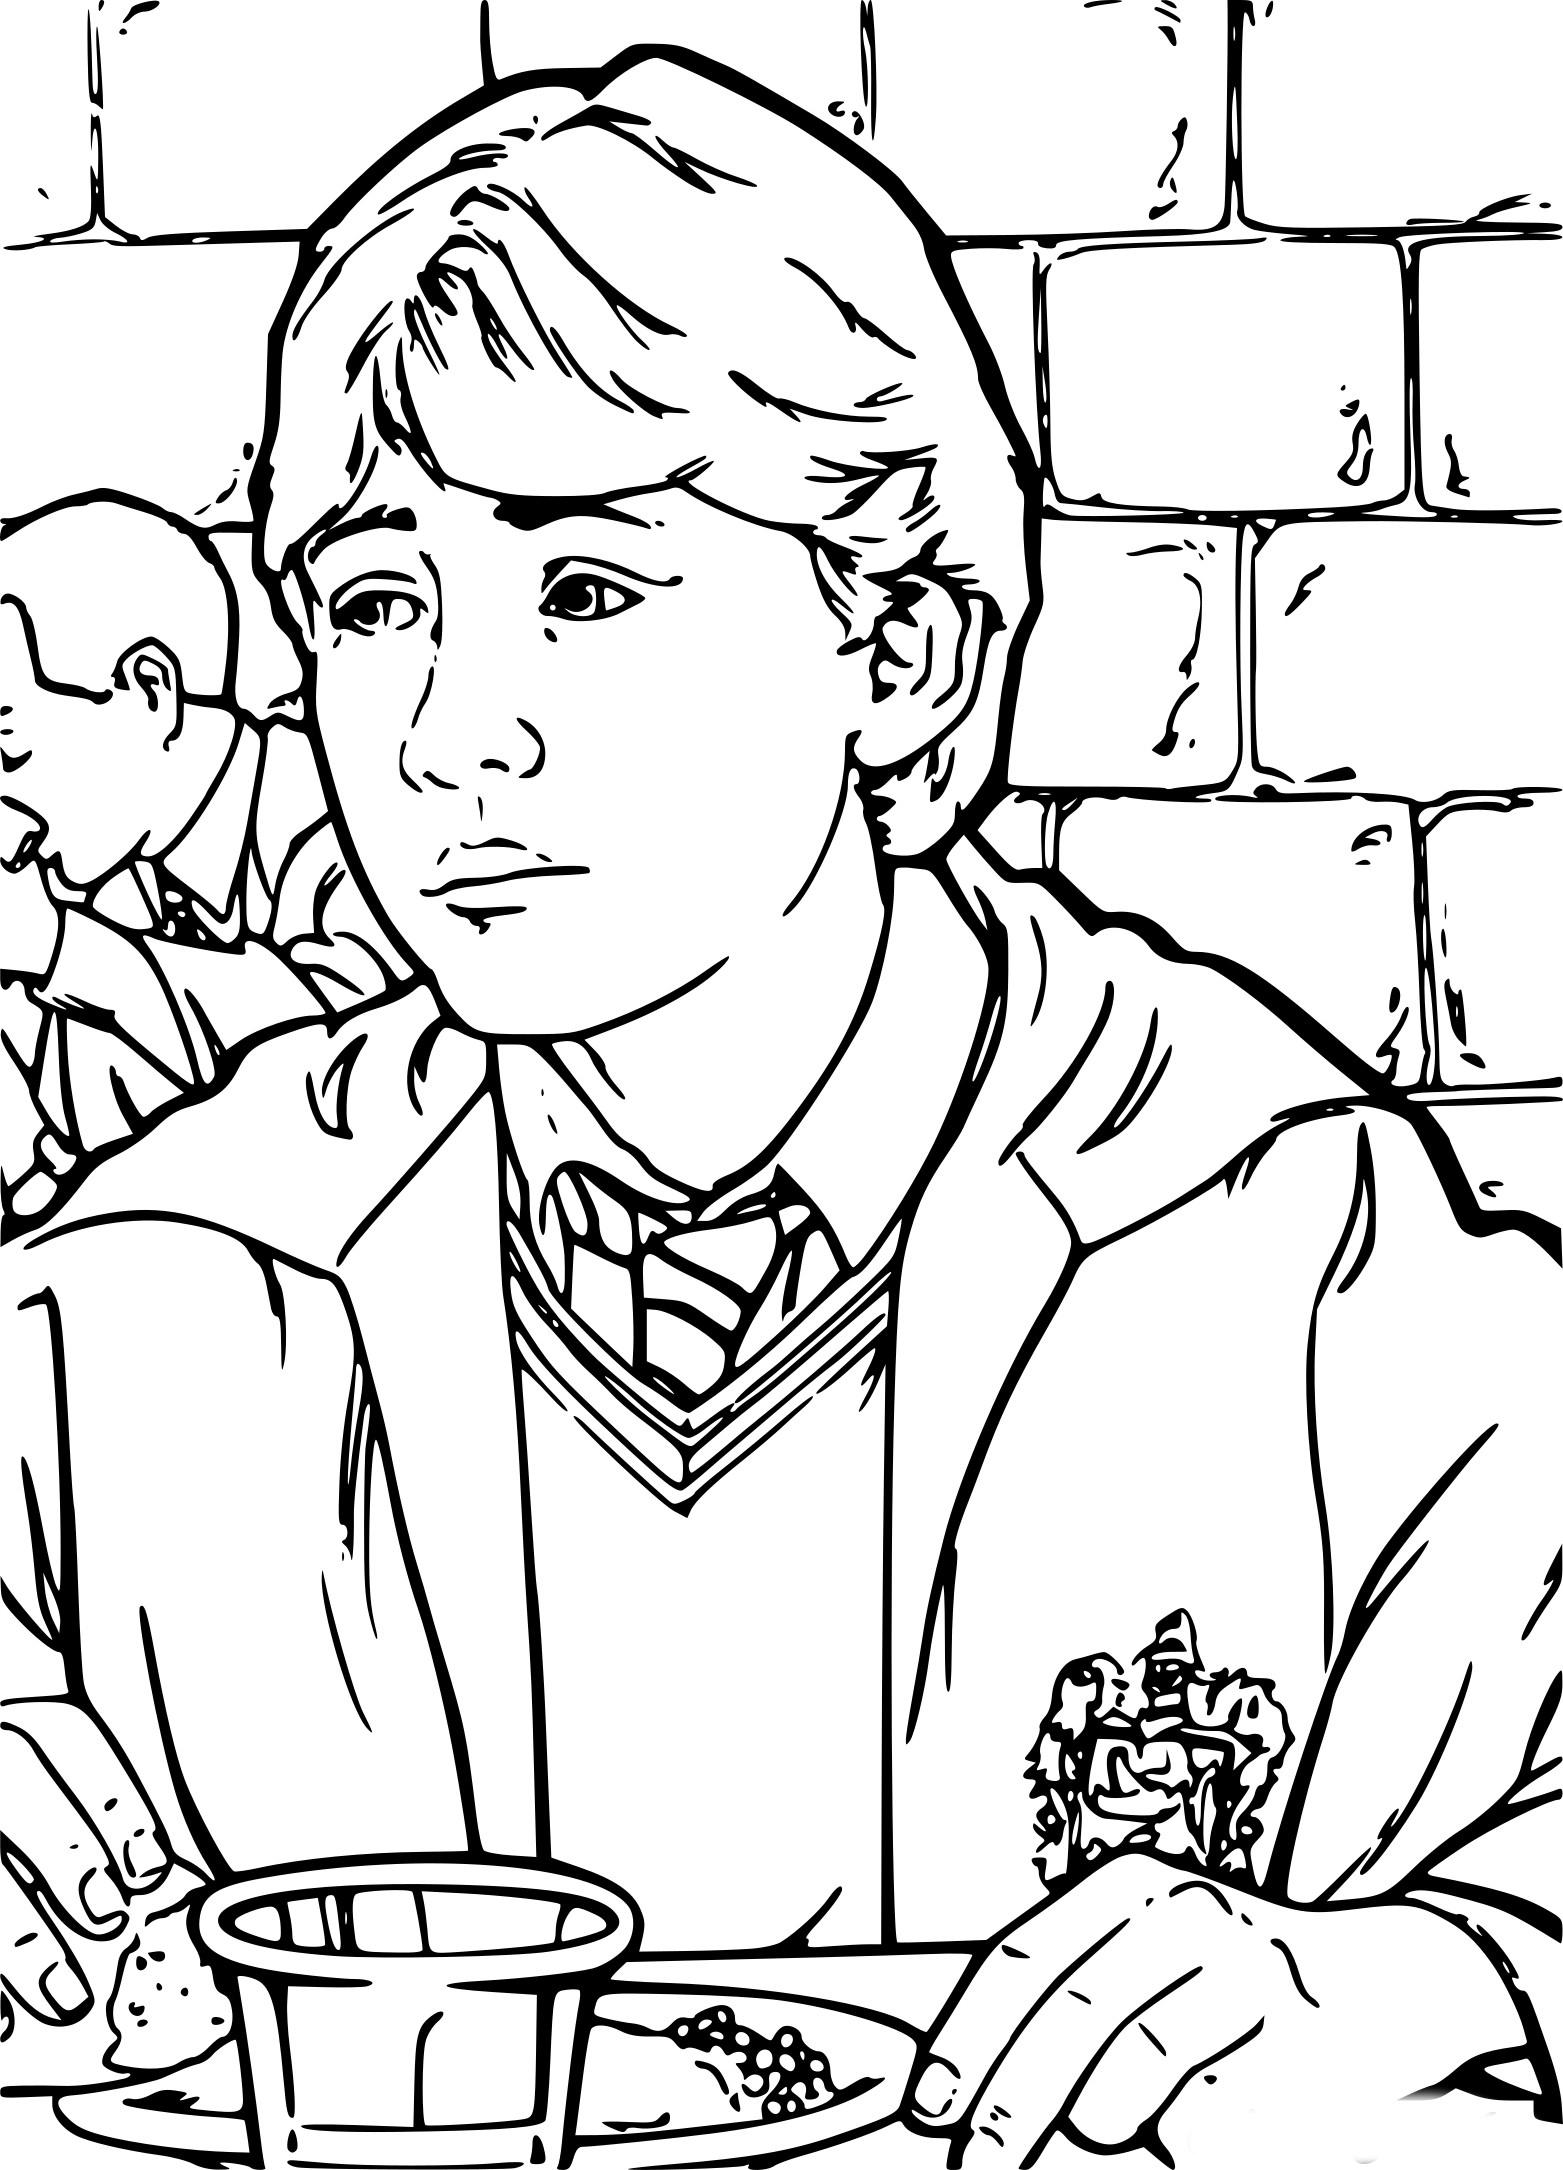 Coloriage Ron Weasley À Imprimer Sur Coloriages encequiconcerne Coloriage Harry Potter